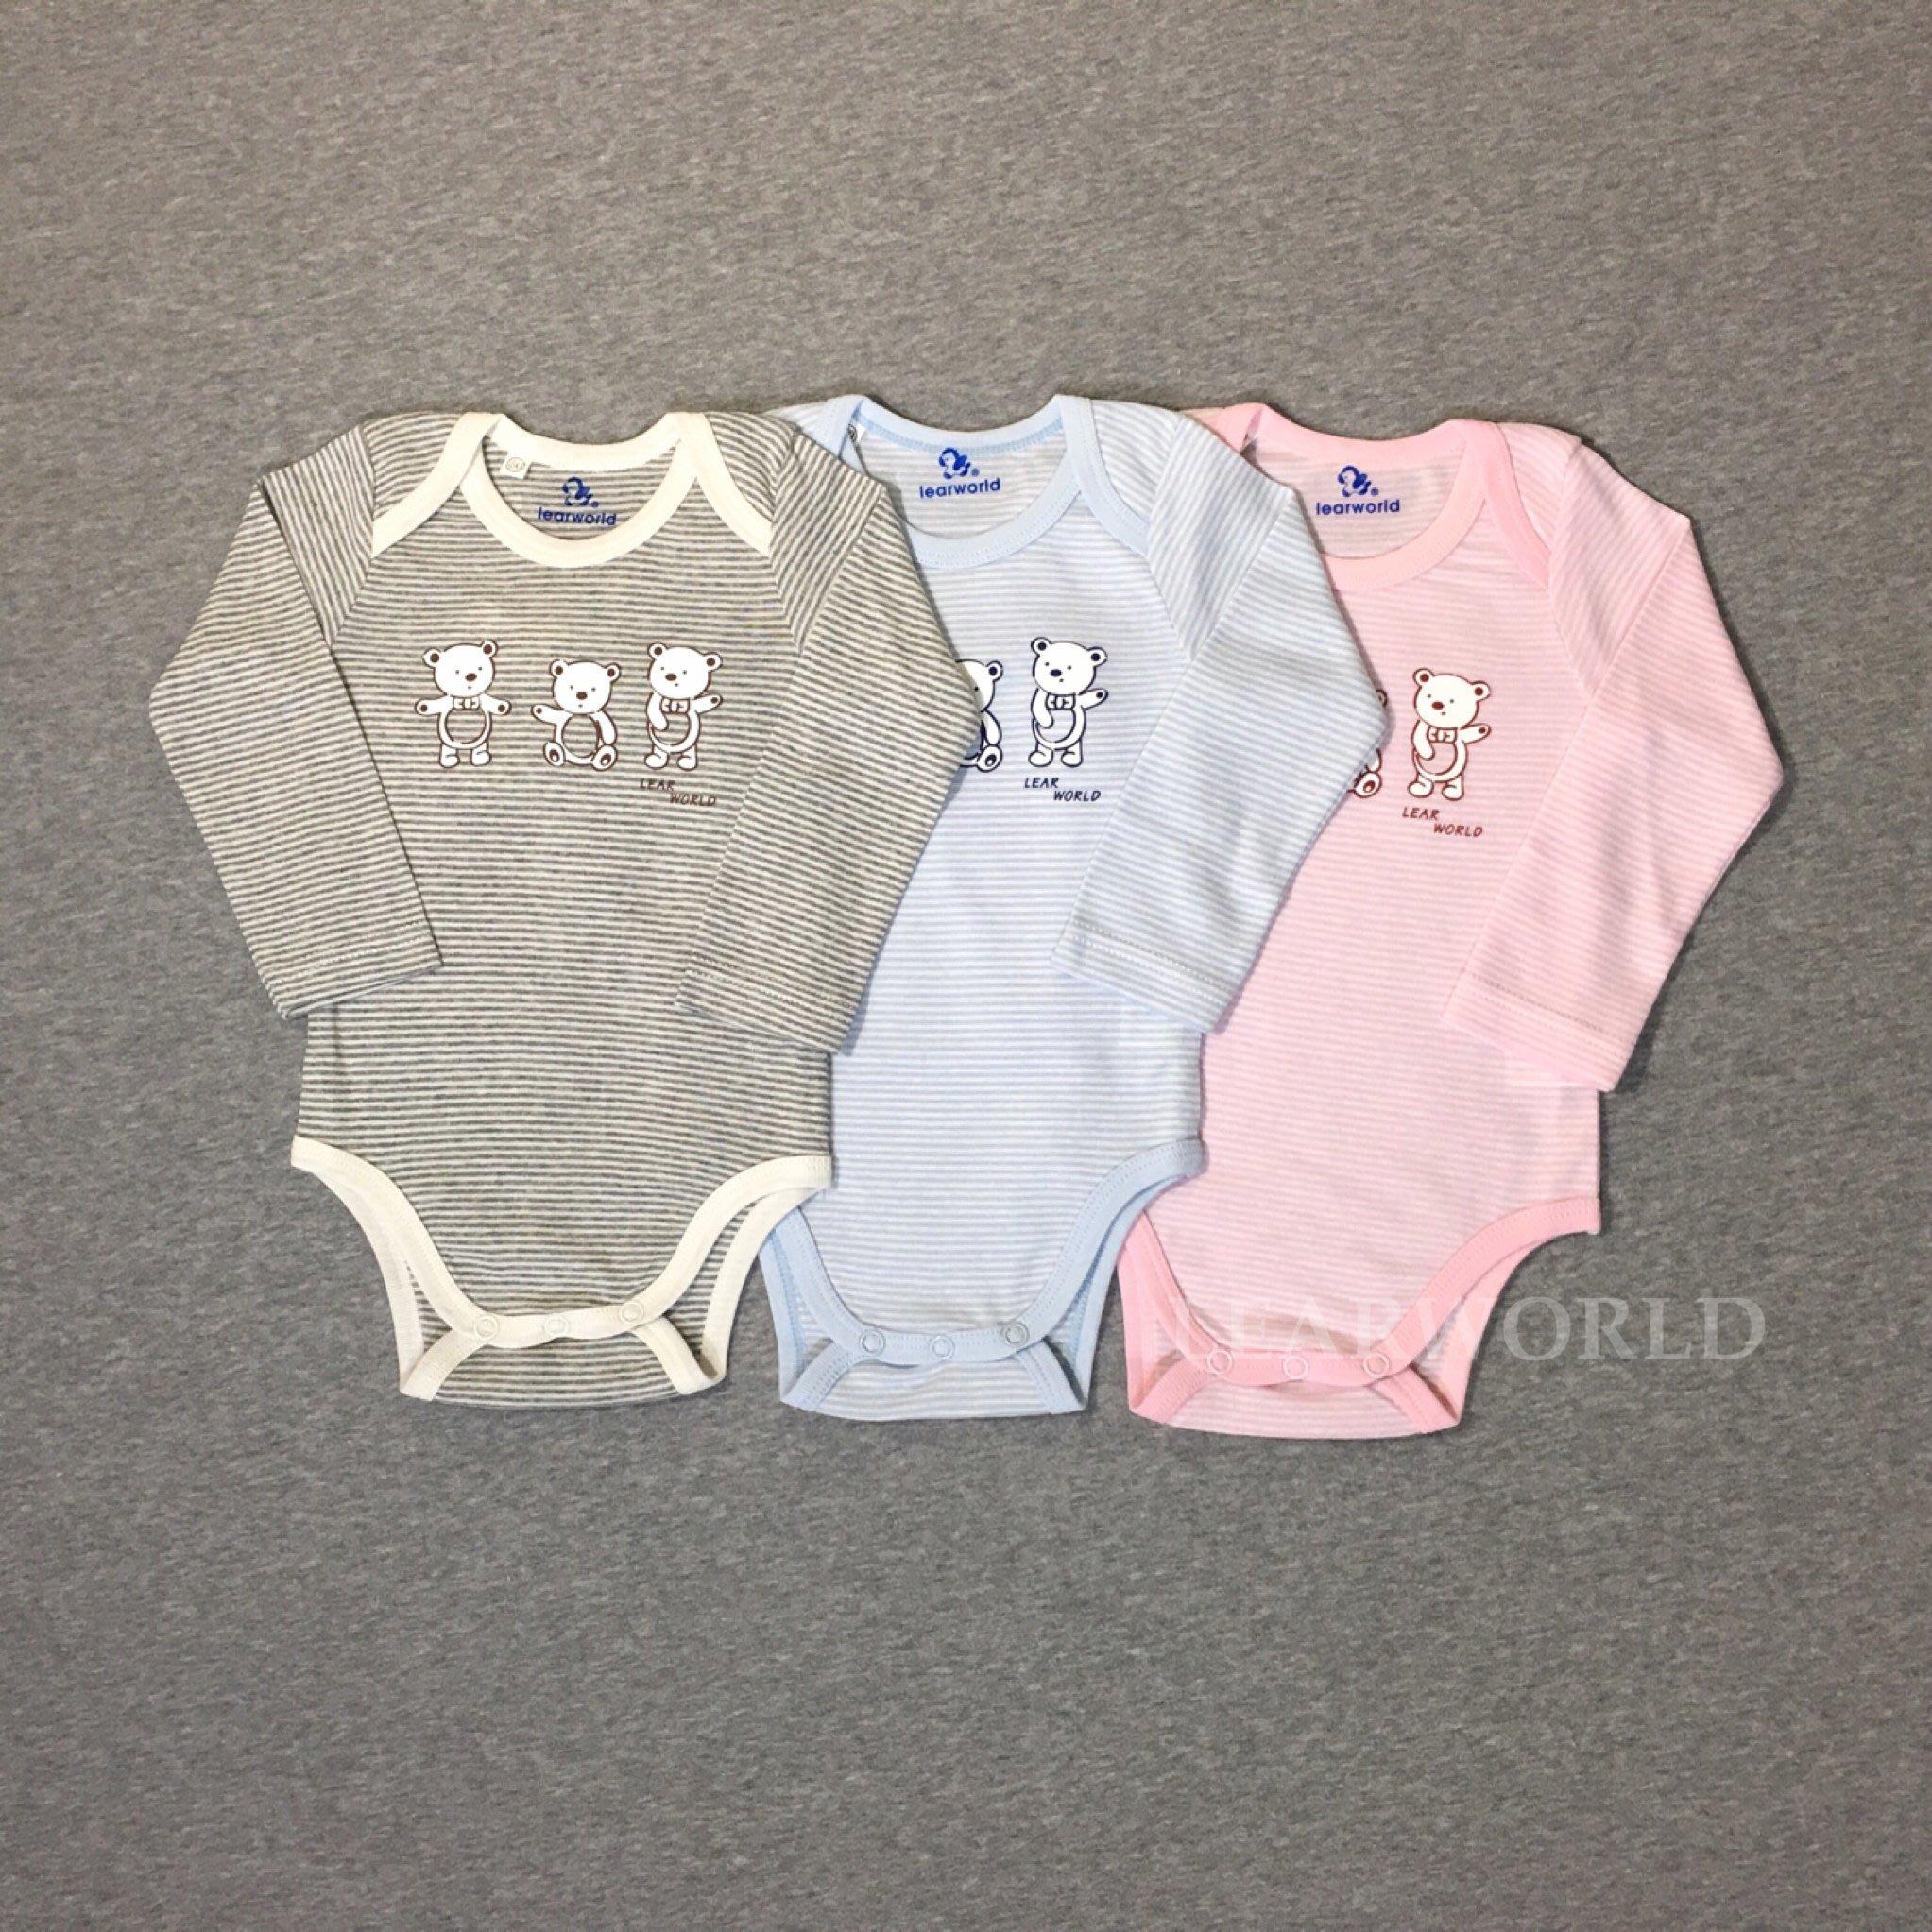 薄款 儷兒世界 32065三隻熊翻領包屁衣 連身衣 單件-台灣布料 台灣製造